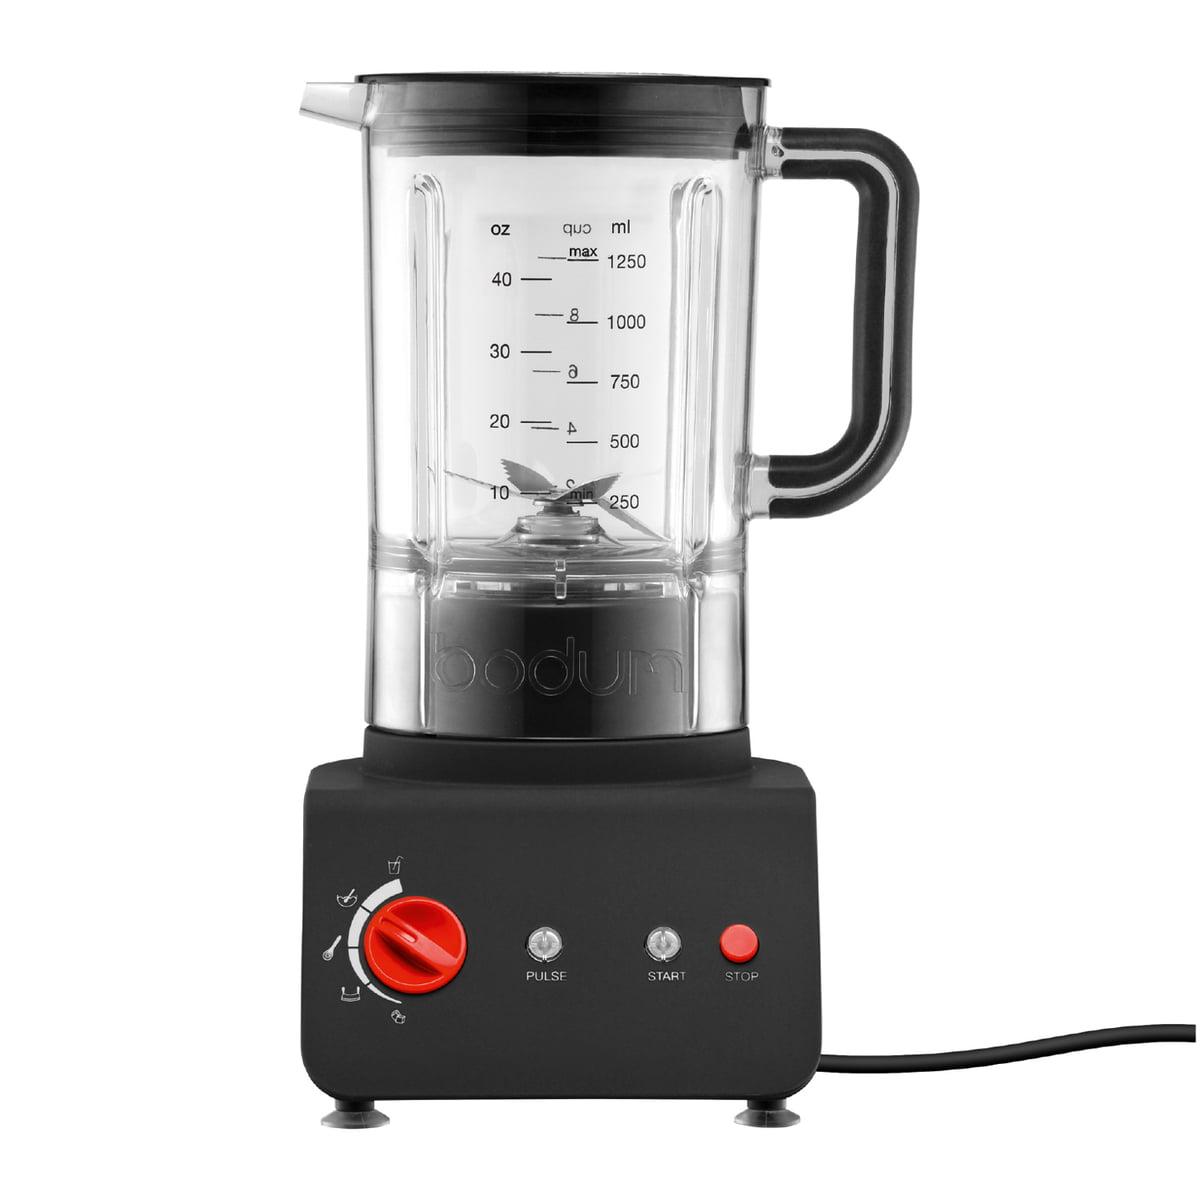 Bodum - Bistro,Standmixer 1,25 l, schwarz | Küche und Esszimmer > Küchengeräte > Rührgeräte und Mixer | Schwarz | Kunststoff -  gummi -  edelstahl | Bodum